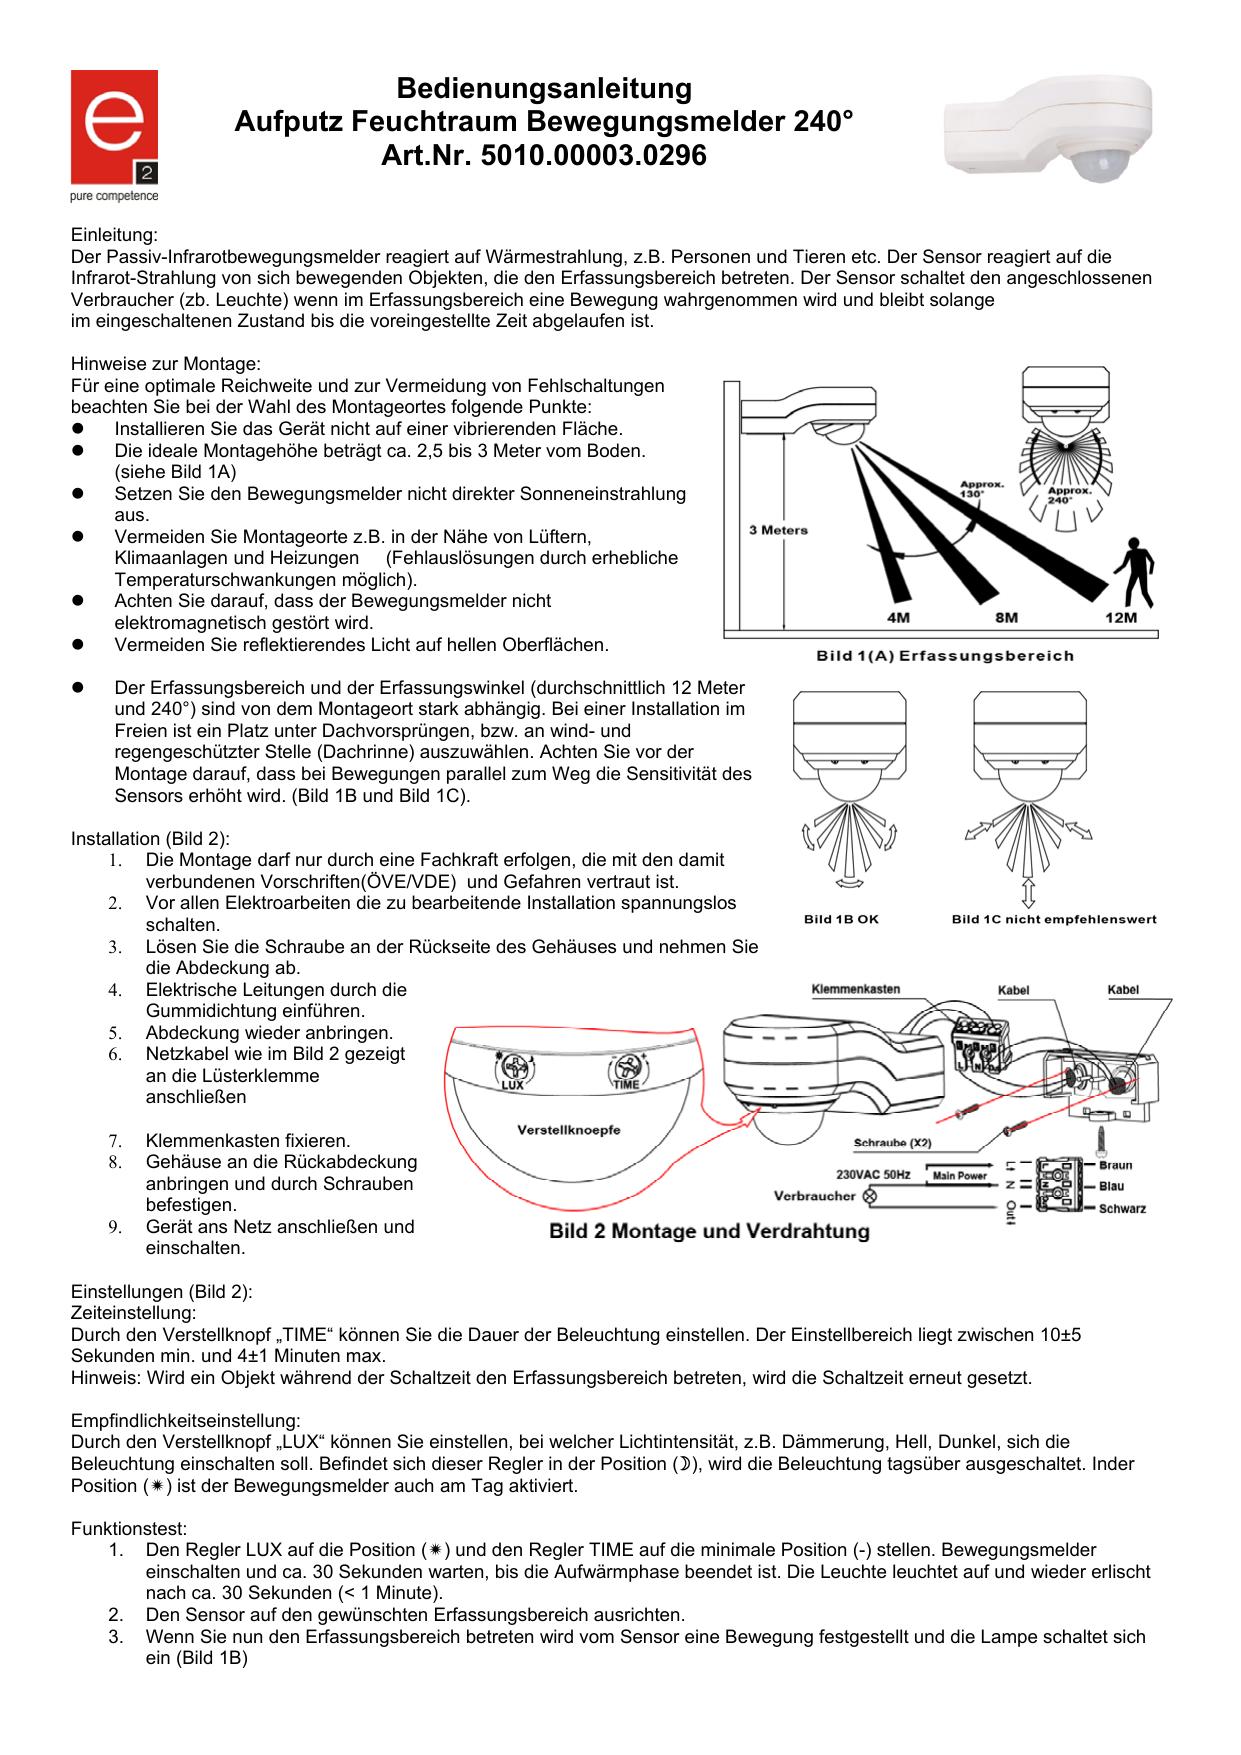 Relativ Bedienungsanleitung Aufputz Feuchtraum Bewegungsmelder 240 WO84